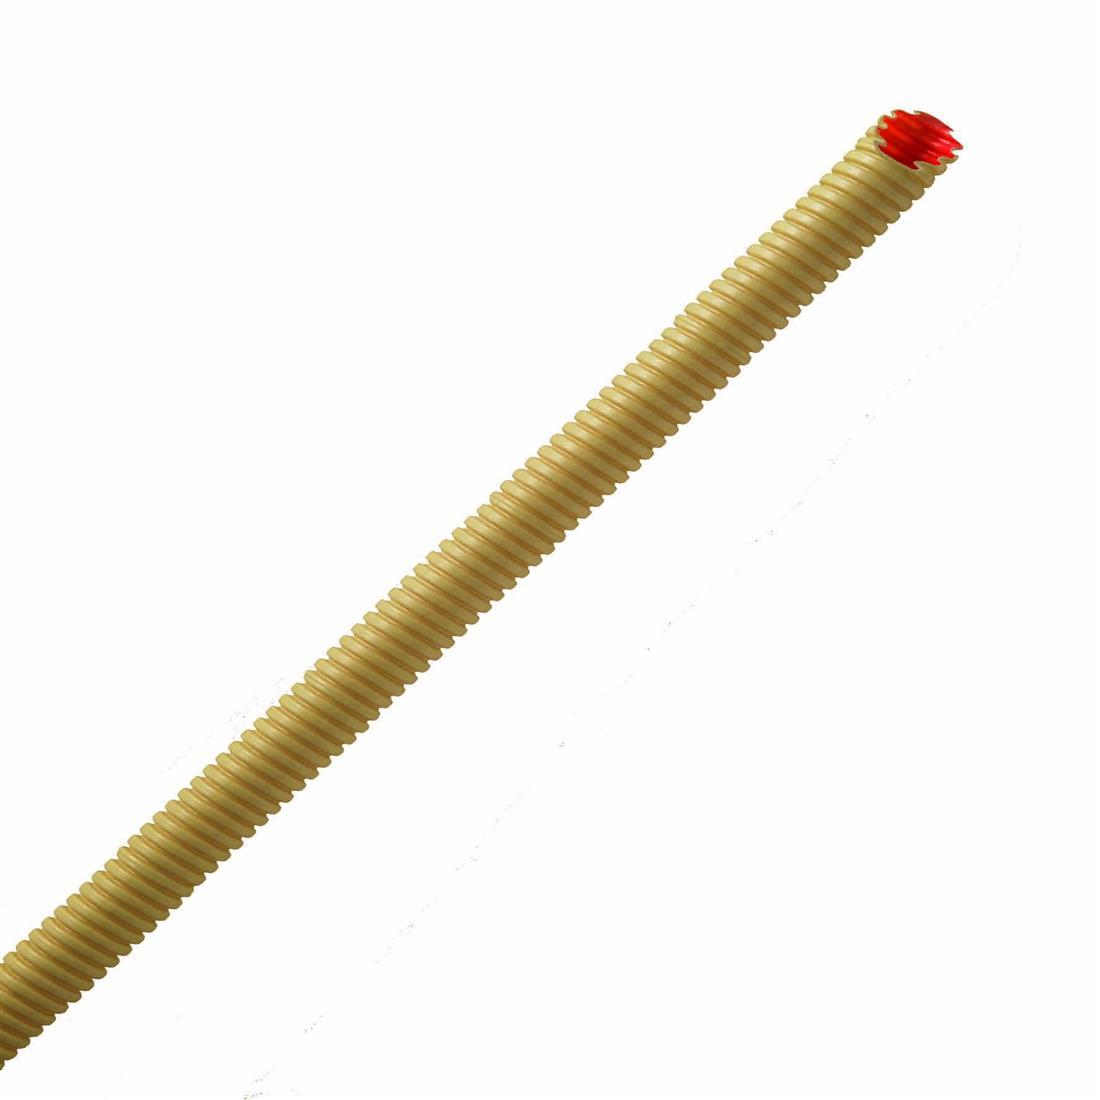 PIPELIFE Flexibele buis met extra gladde binnenlaag 16 mm creme - per rol 20 meter